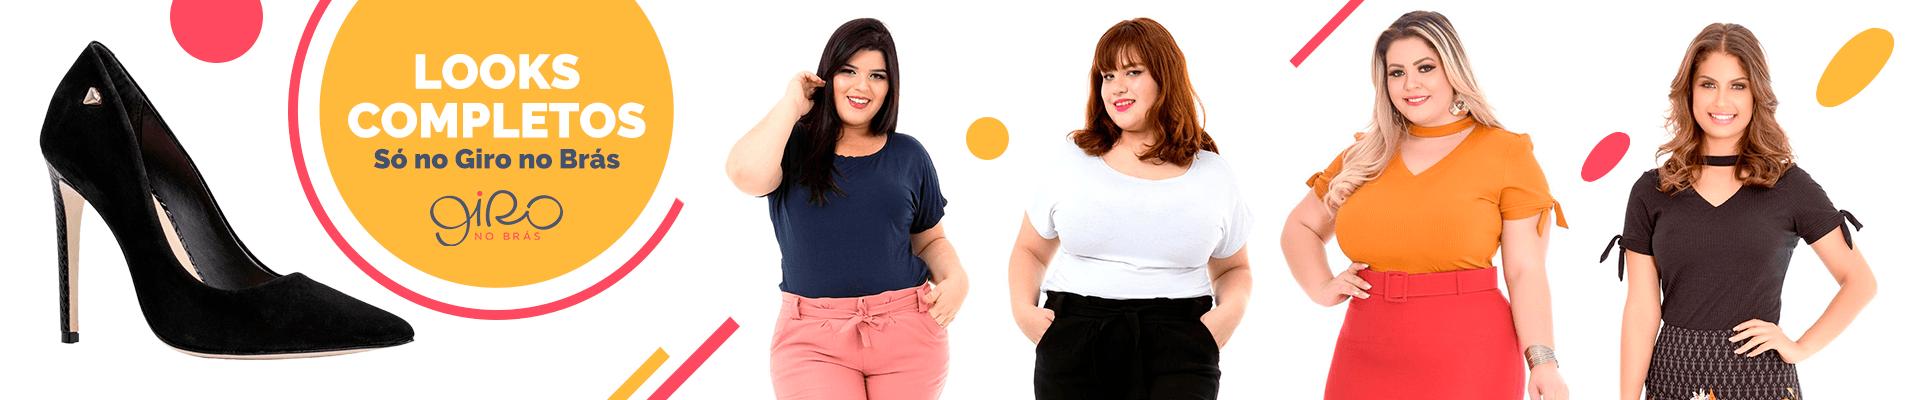 Modelos variados de looks completos direto do Brás para você.